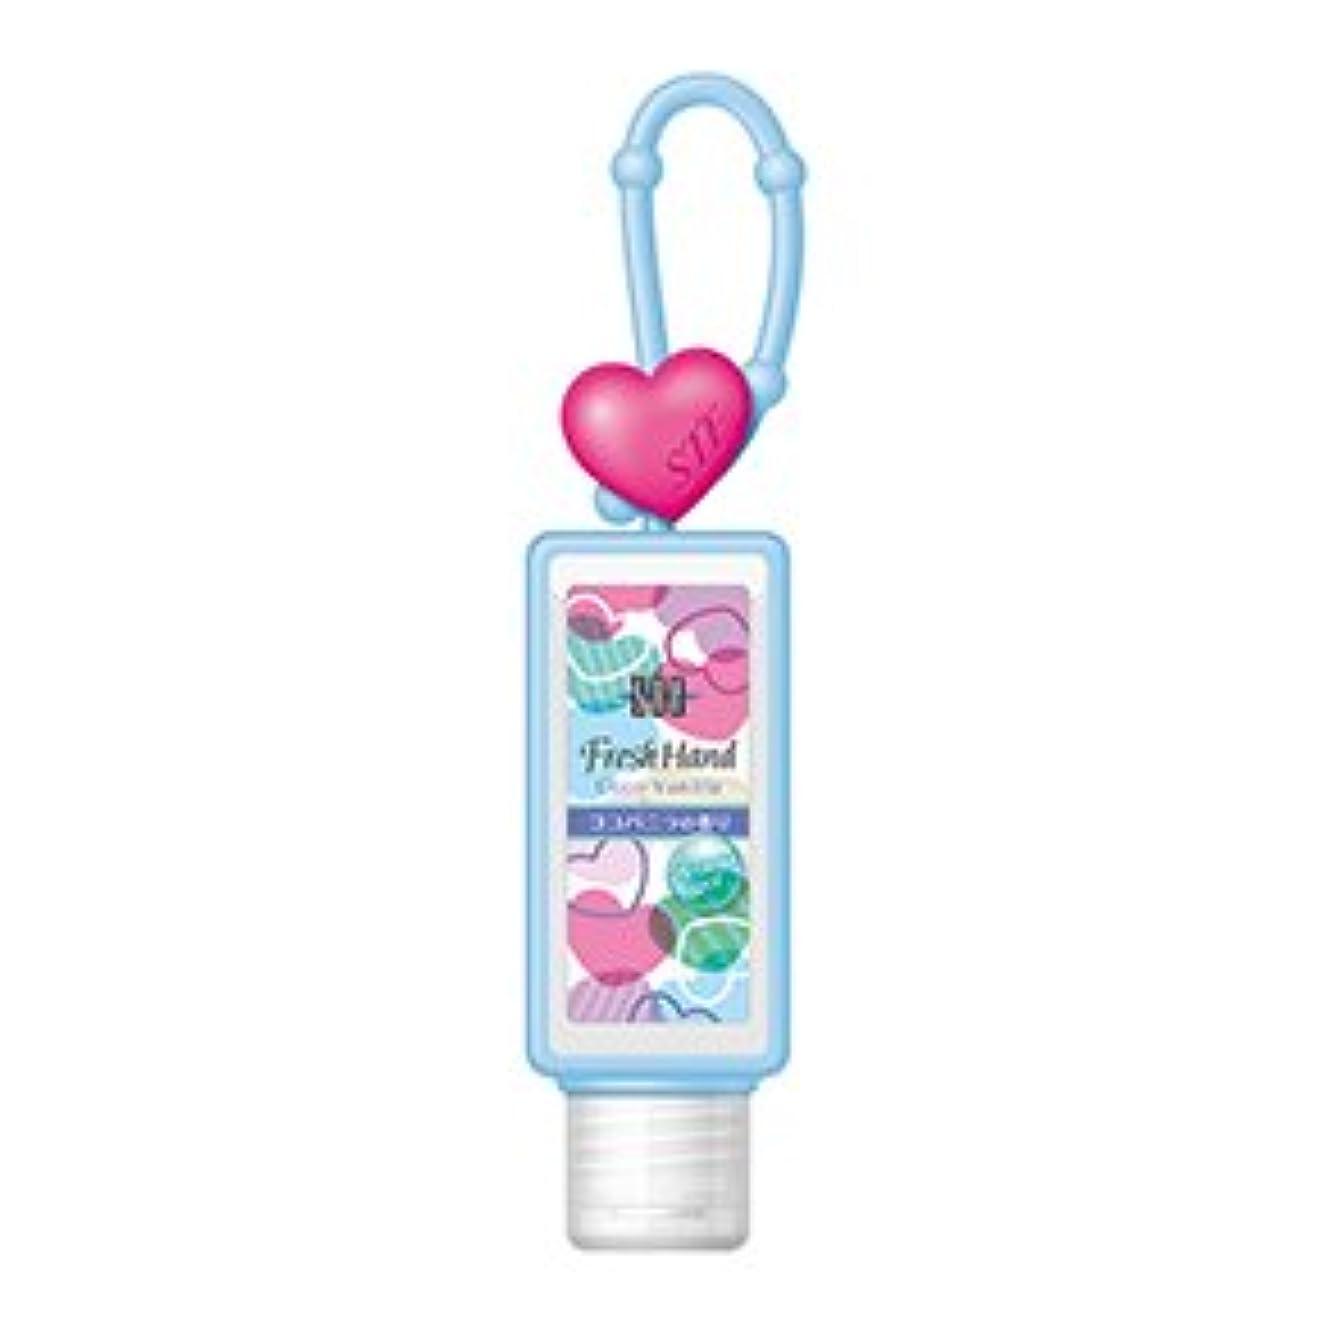 新鮮な処理バットSTF フレッシュハンド ココバニラの香り 30ml